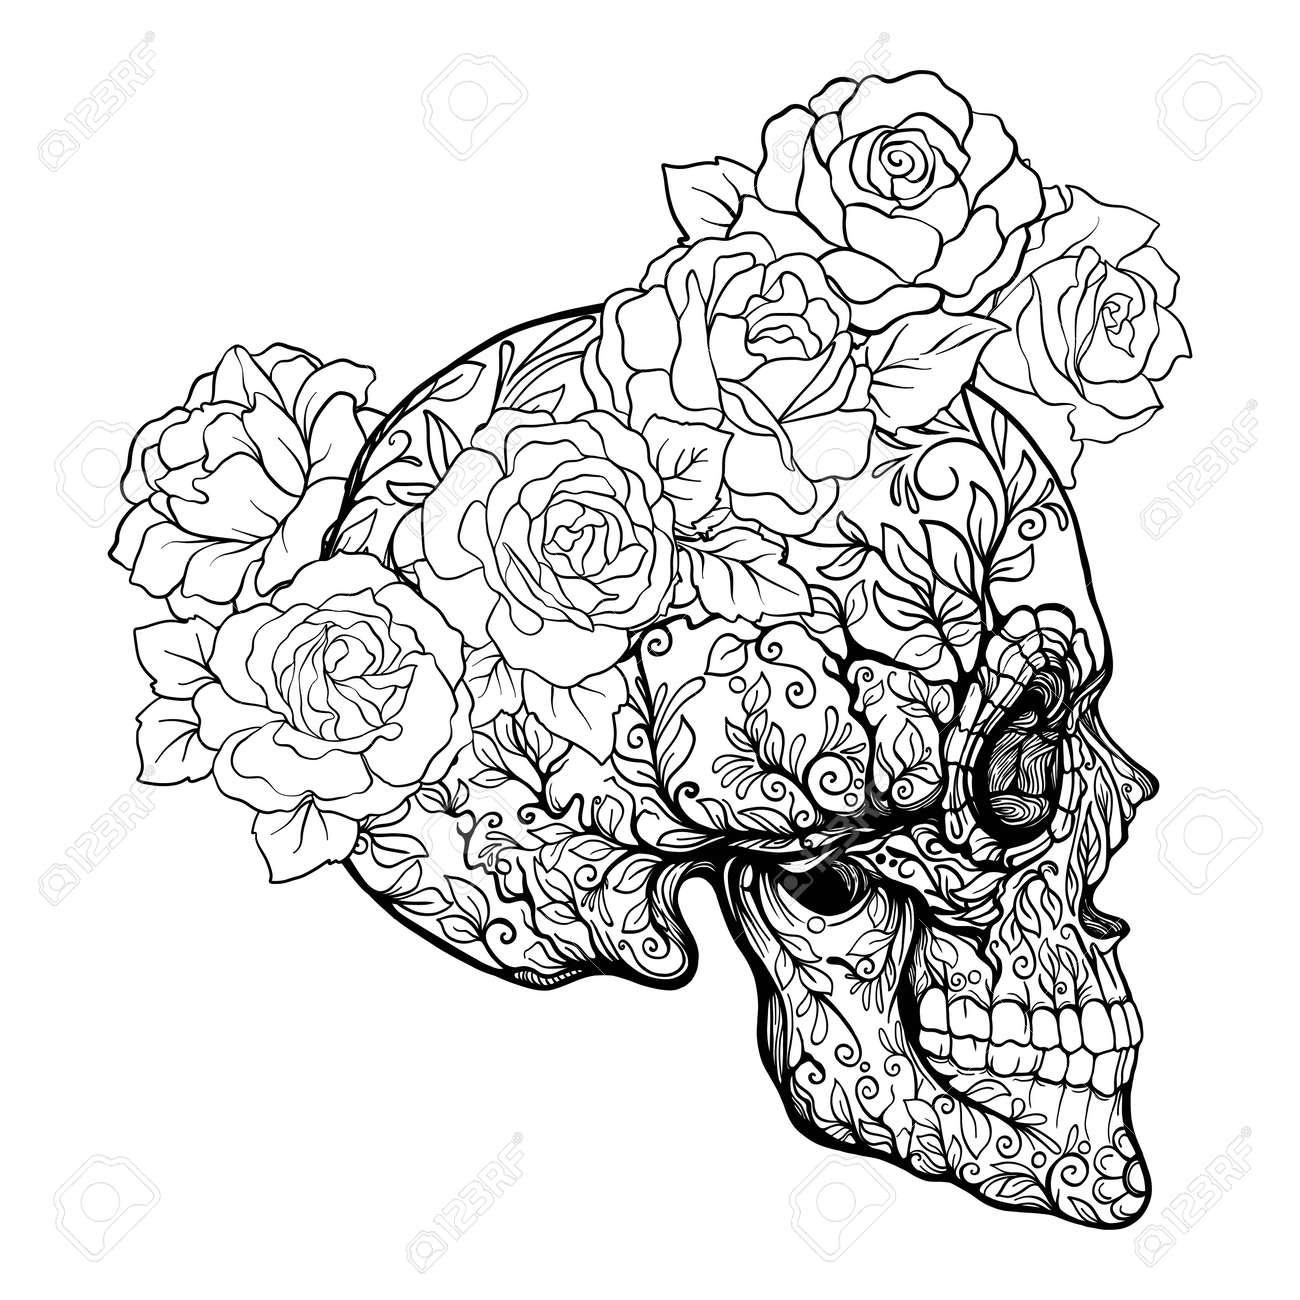 Zuckerschädel Mit Dekorativem Muster Und Einem Kranz Aus Roten Rosen